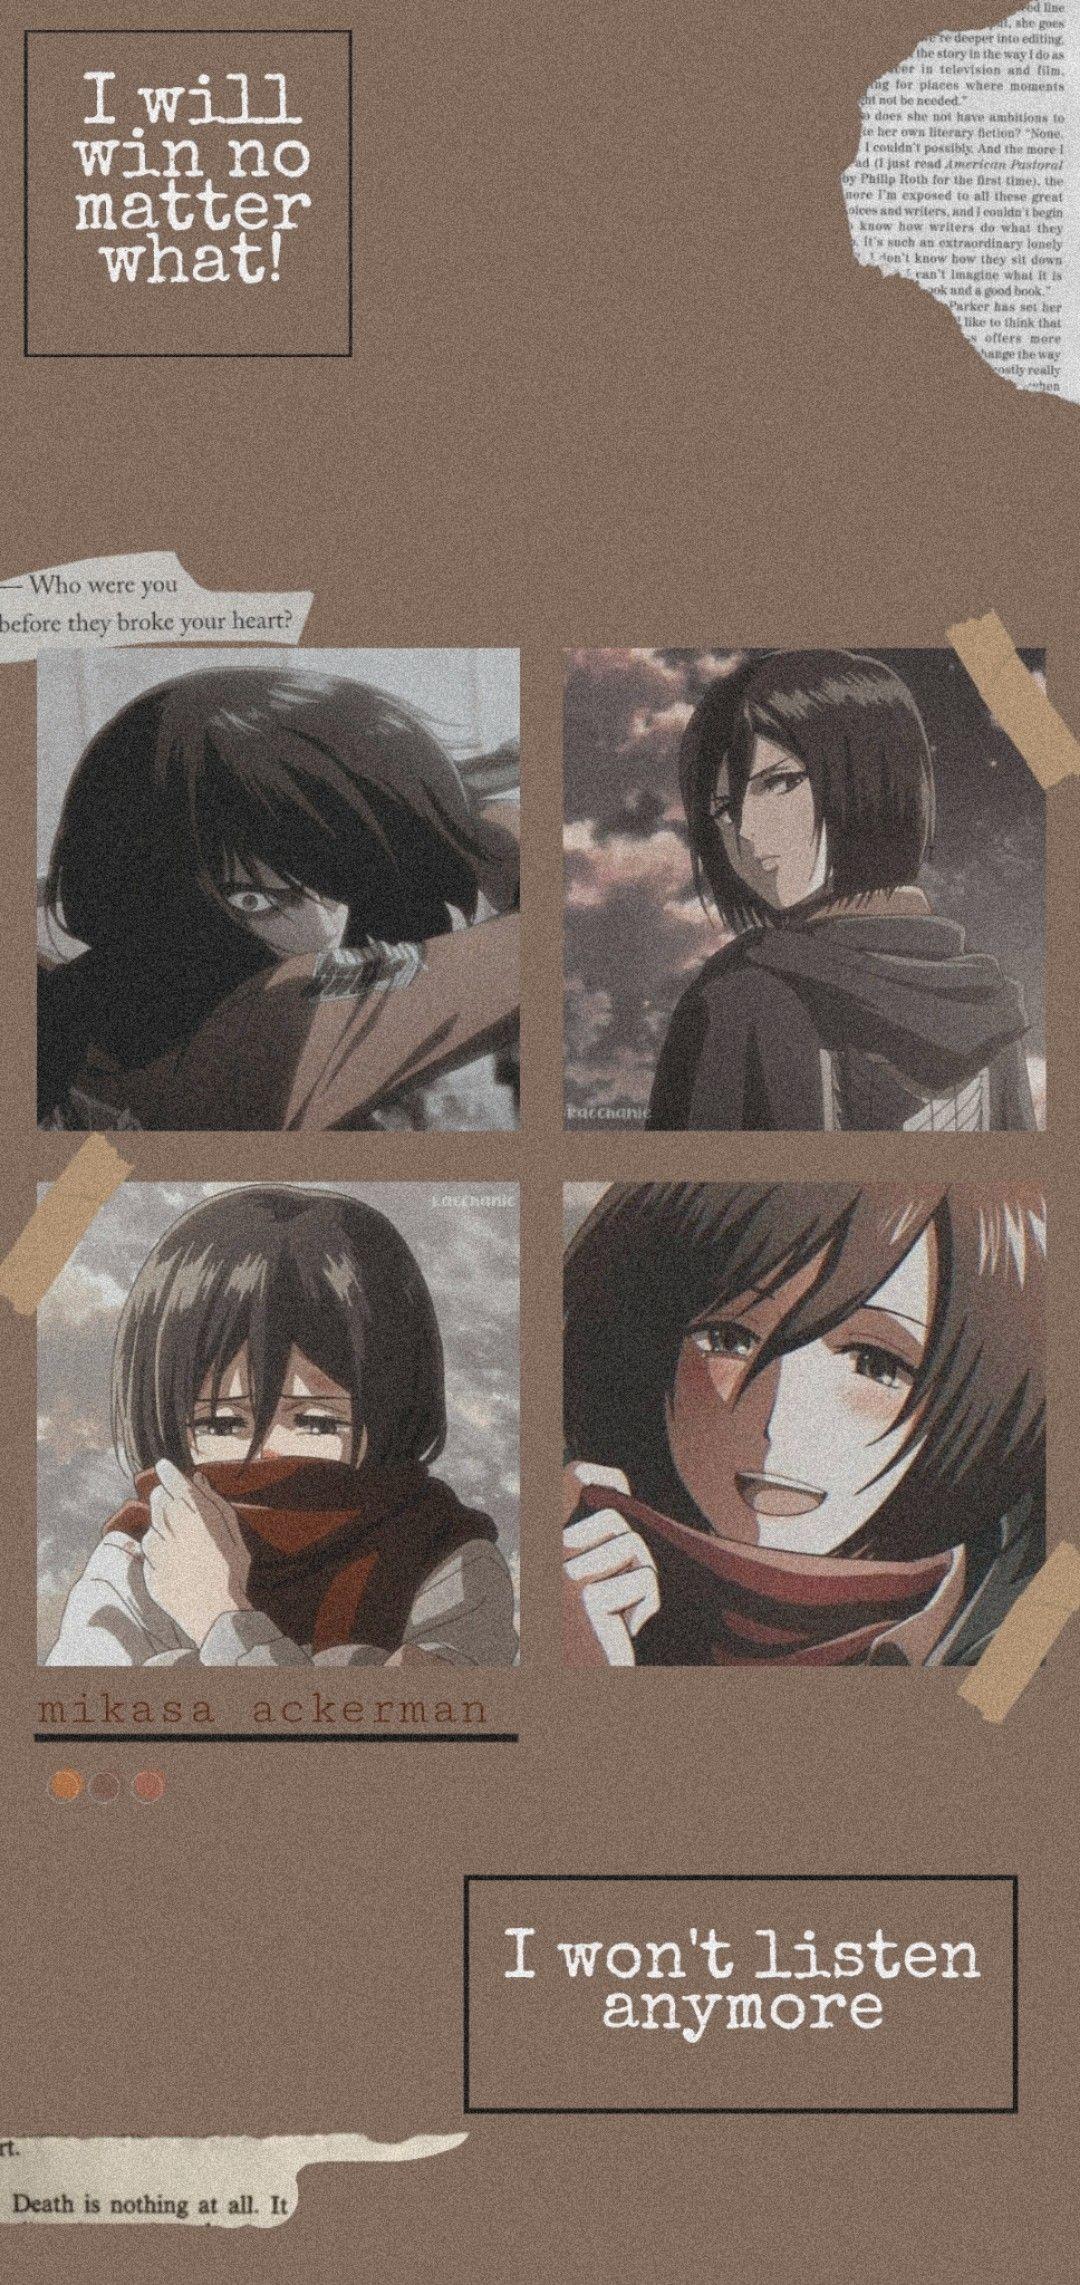 Mikasa Ackerman Wallpaper Seni Anime Ilustrasi Karakter Ilustrasi